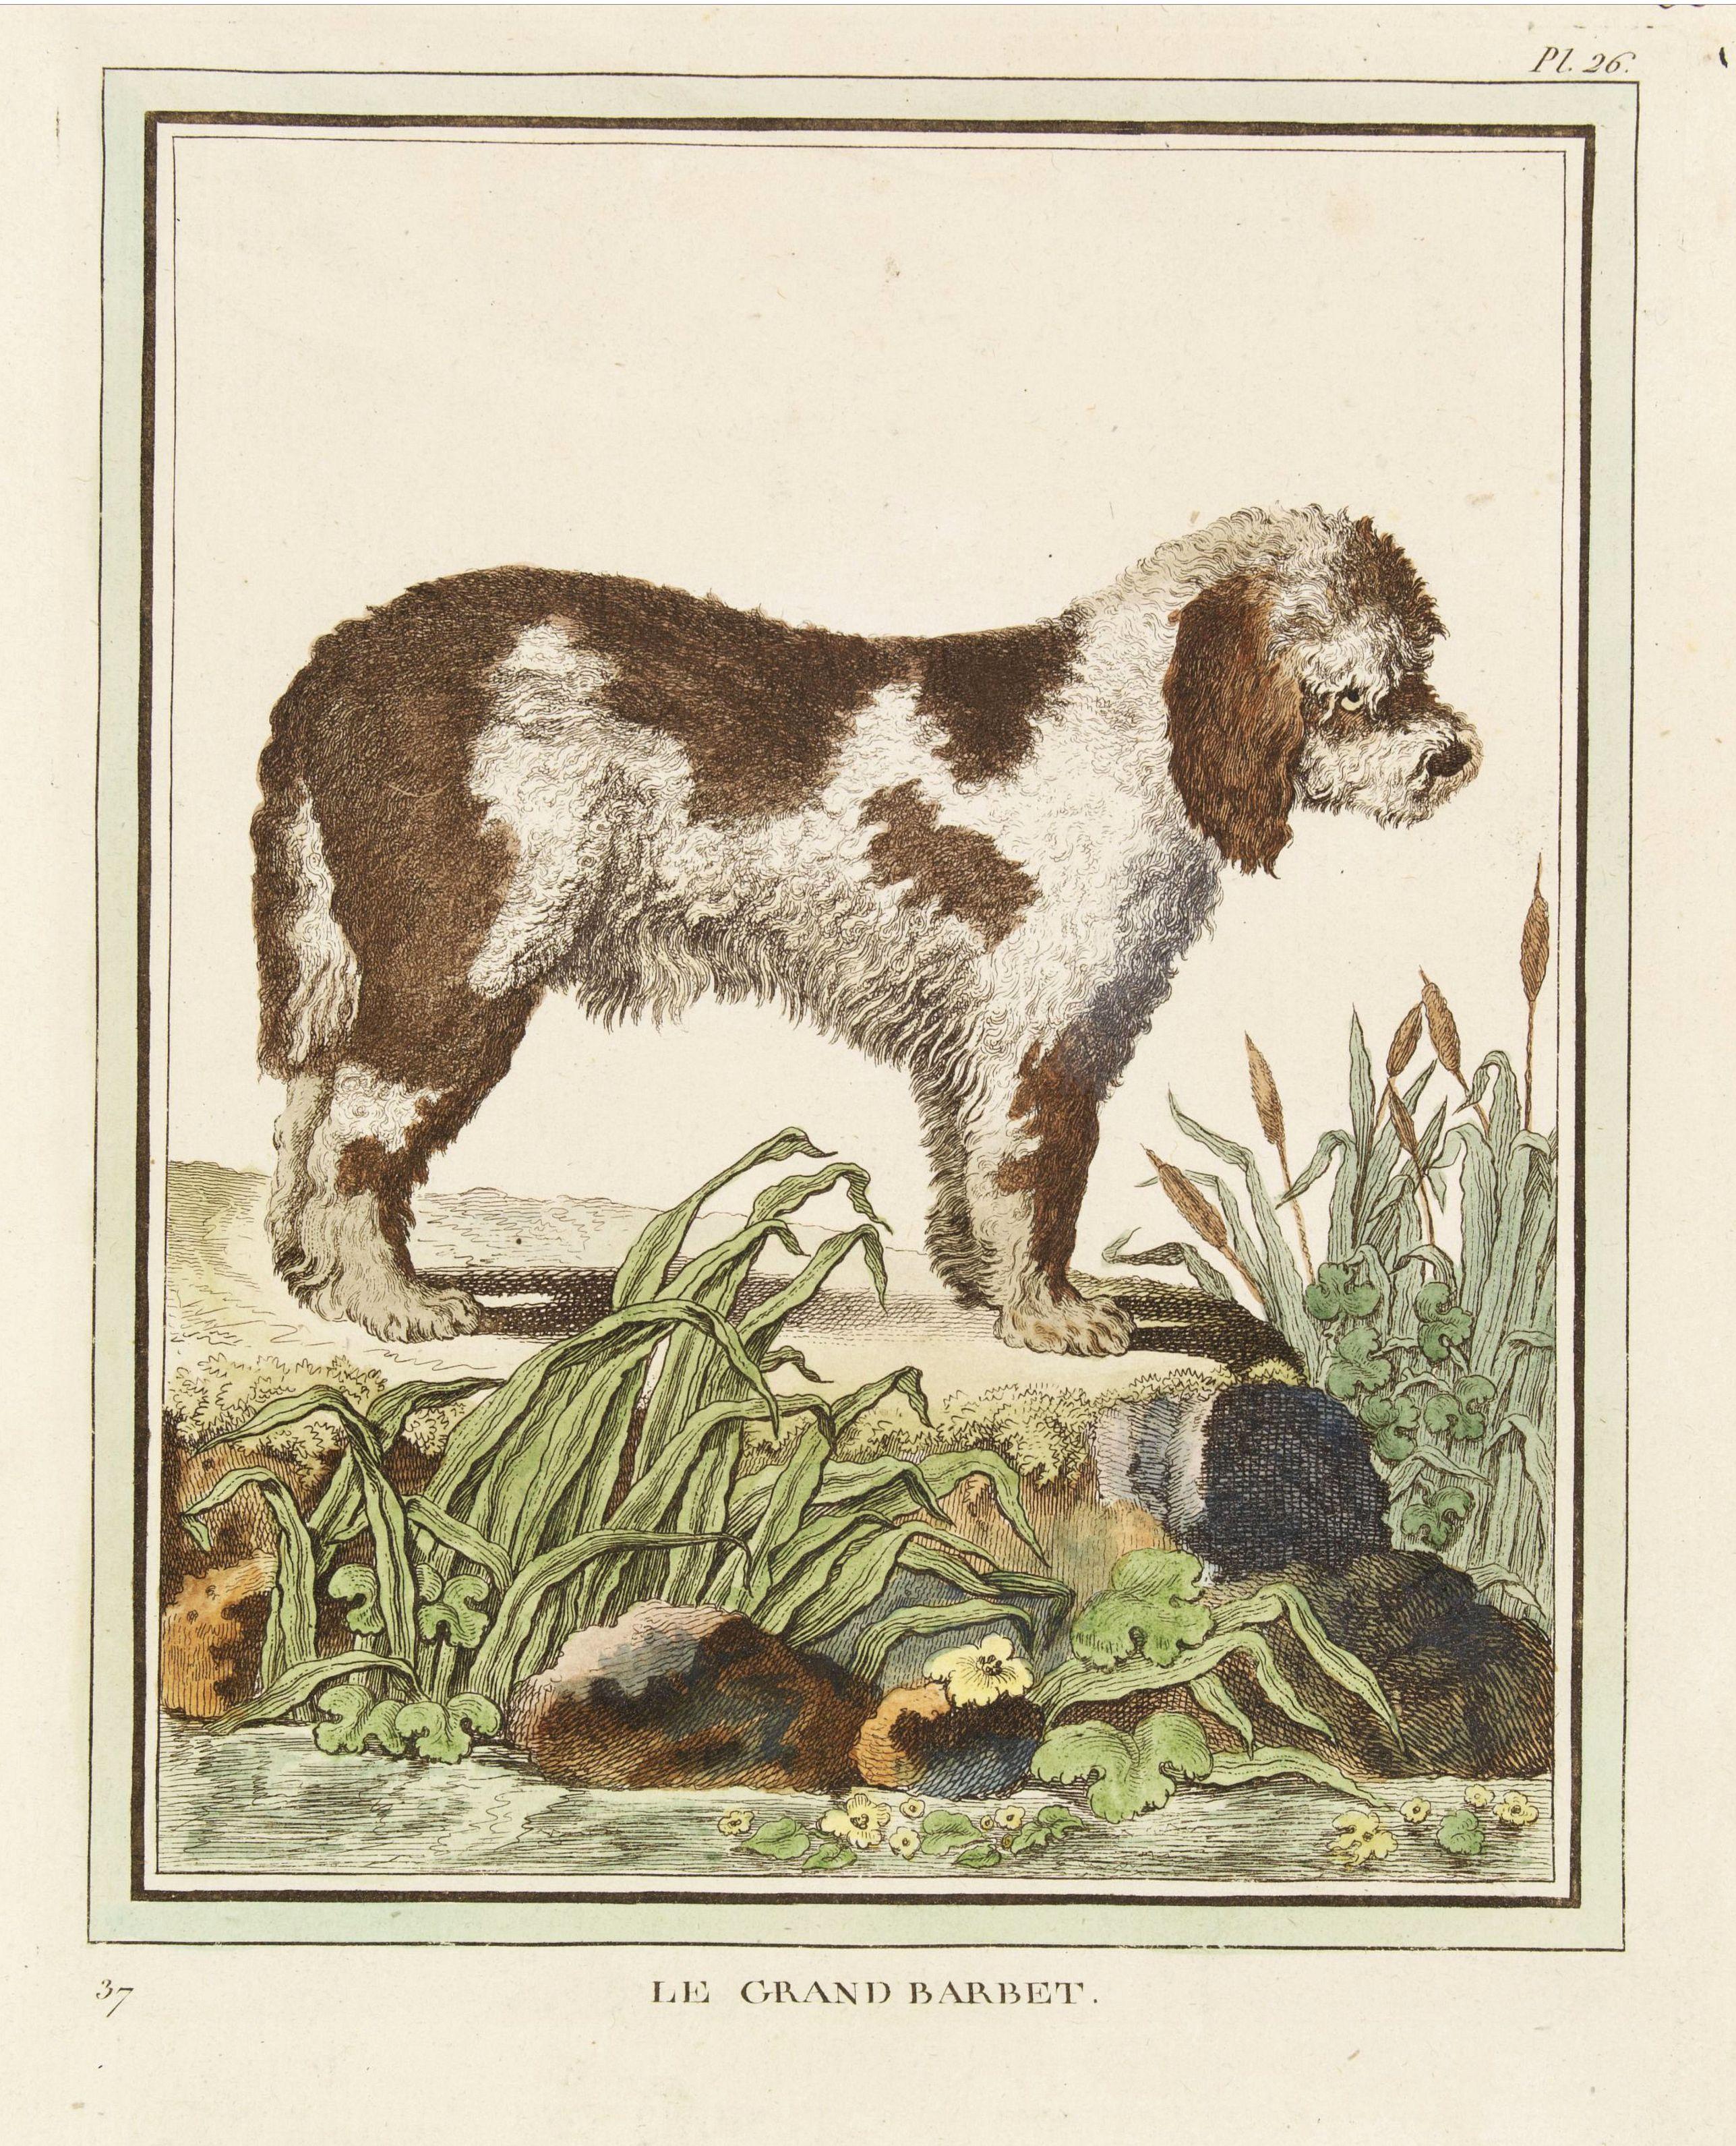 DE SÈVE, After Jacques (active 1742-1788) -  Le Grand Barbet [Pl. 26]